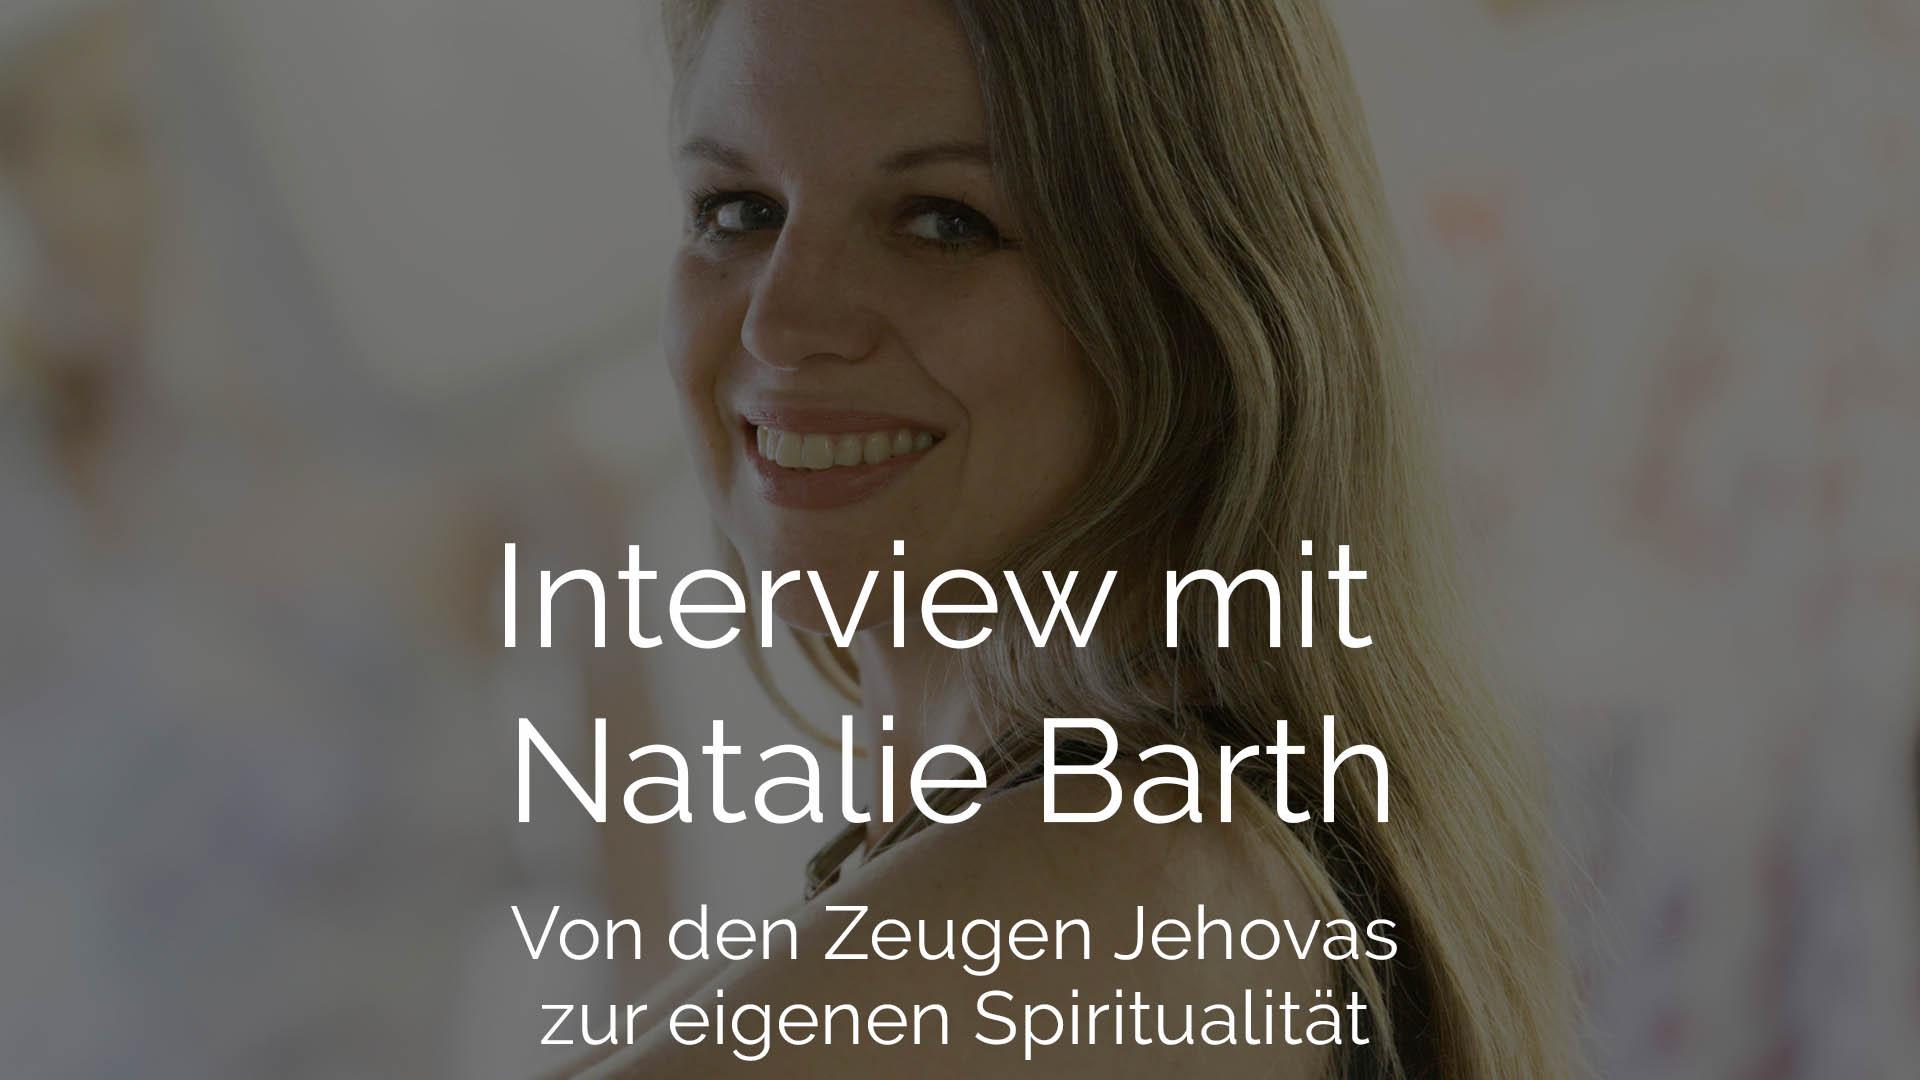 Natalie Barth im Interview - Von den Zeugen Jehovas zur eigenen Spiritualitä